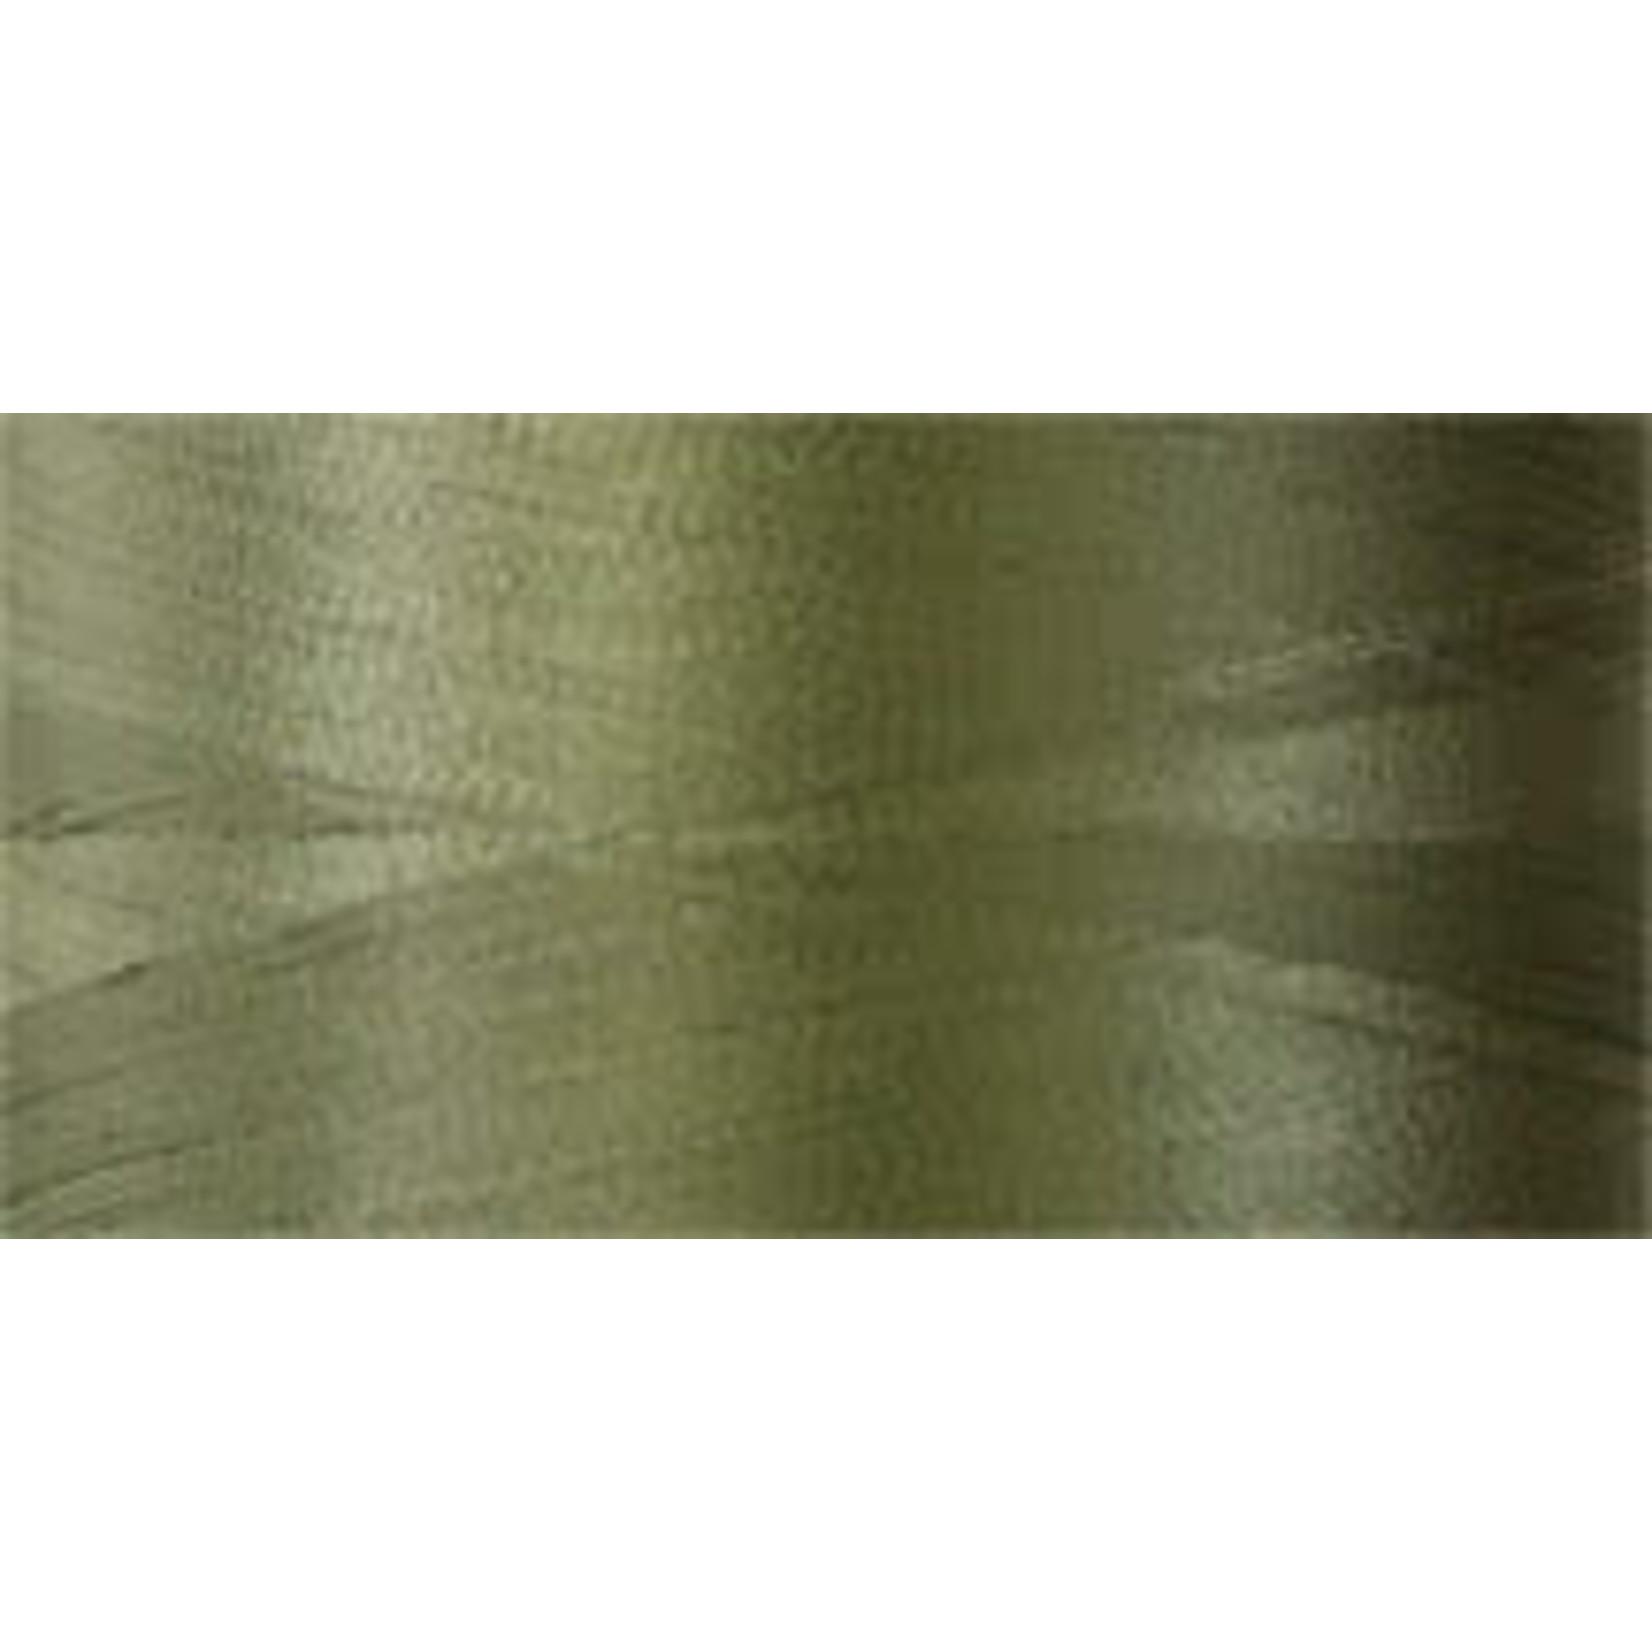 Superior Threads Bottom Line - #60 - 1300 m - 613 Sage